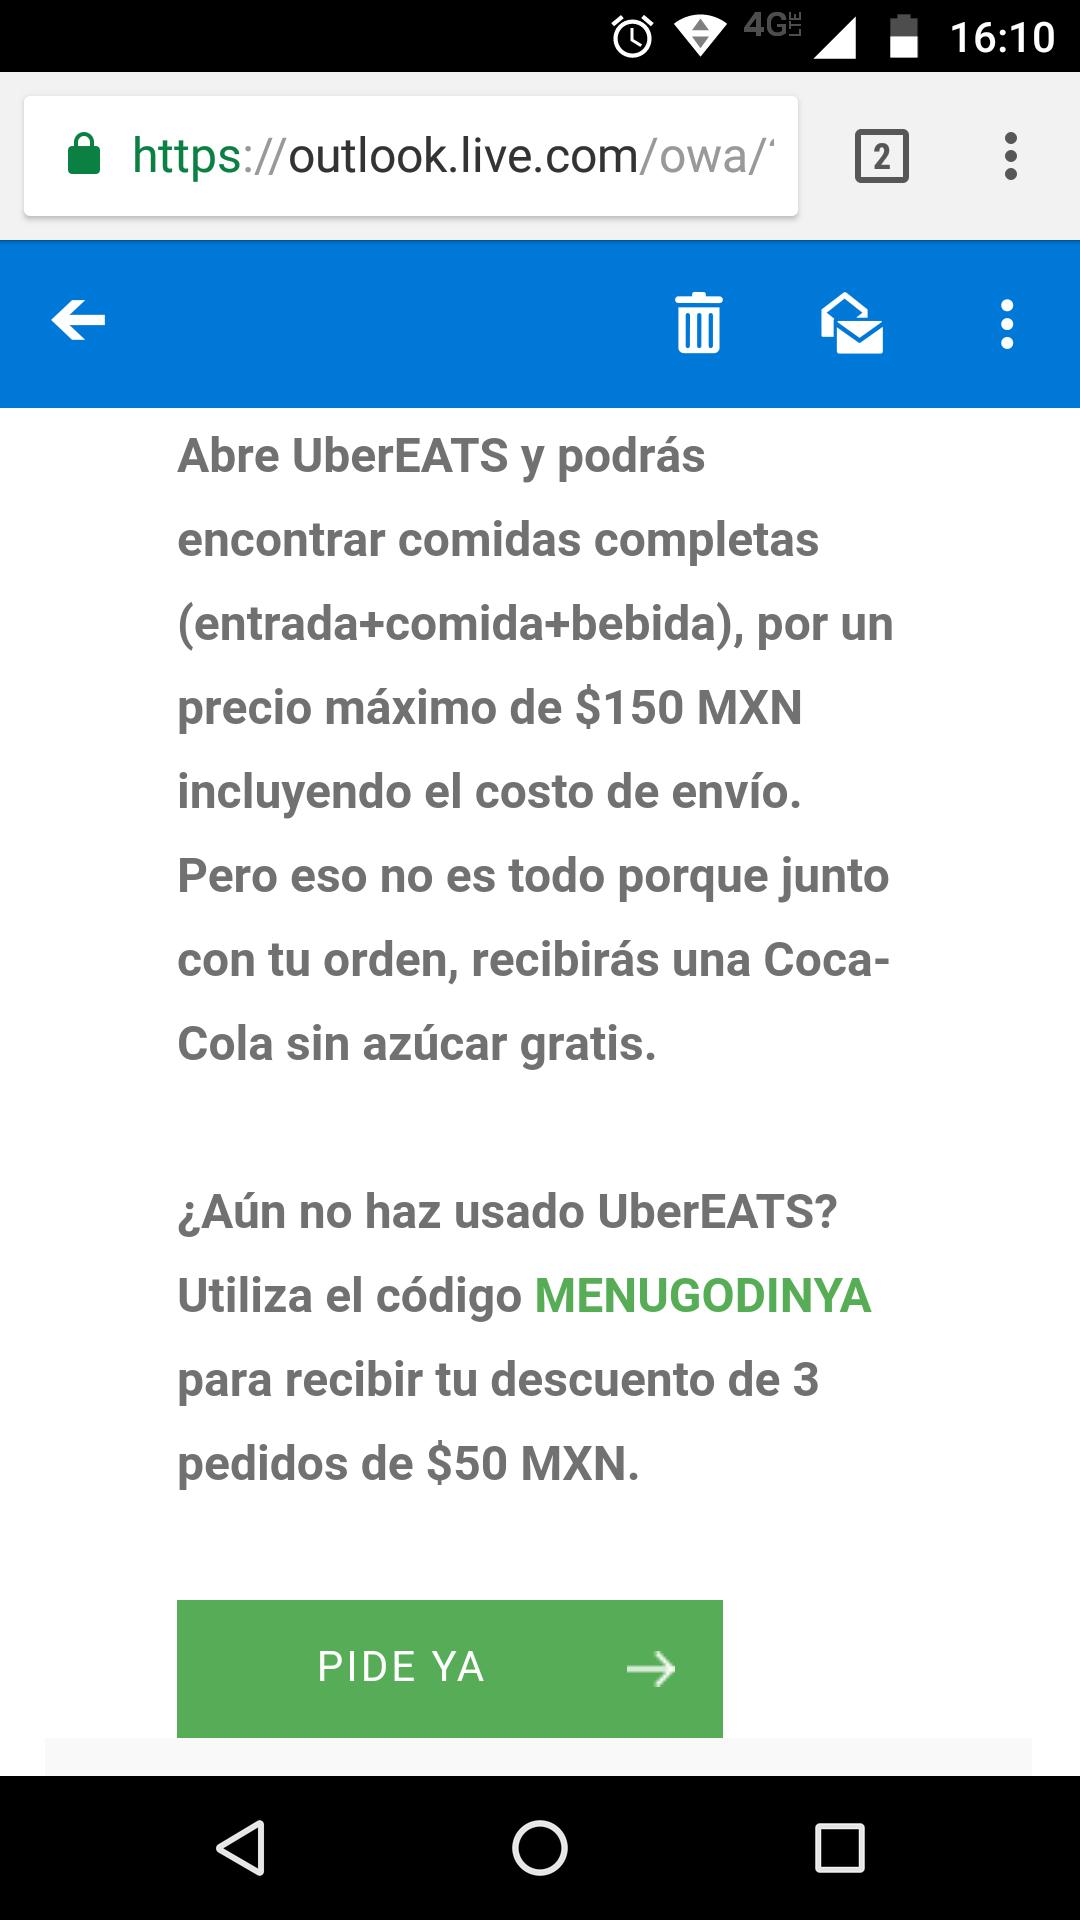 UberEats: Código (MENUGODINYA) Descuento de $50 en tres primeros pedidos y Coca Cola gratis (nuevos usuarios)